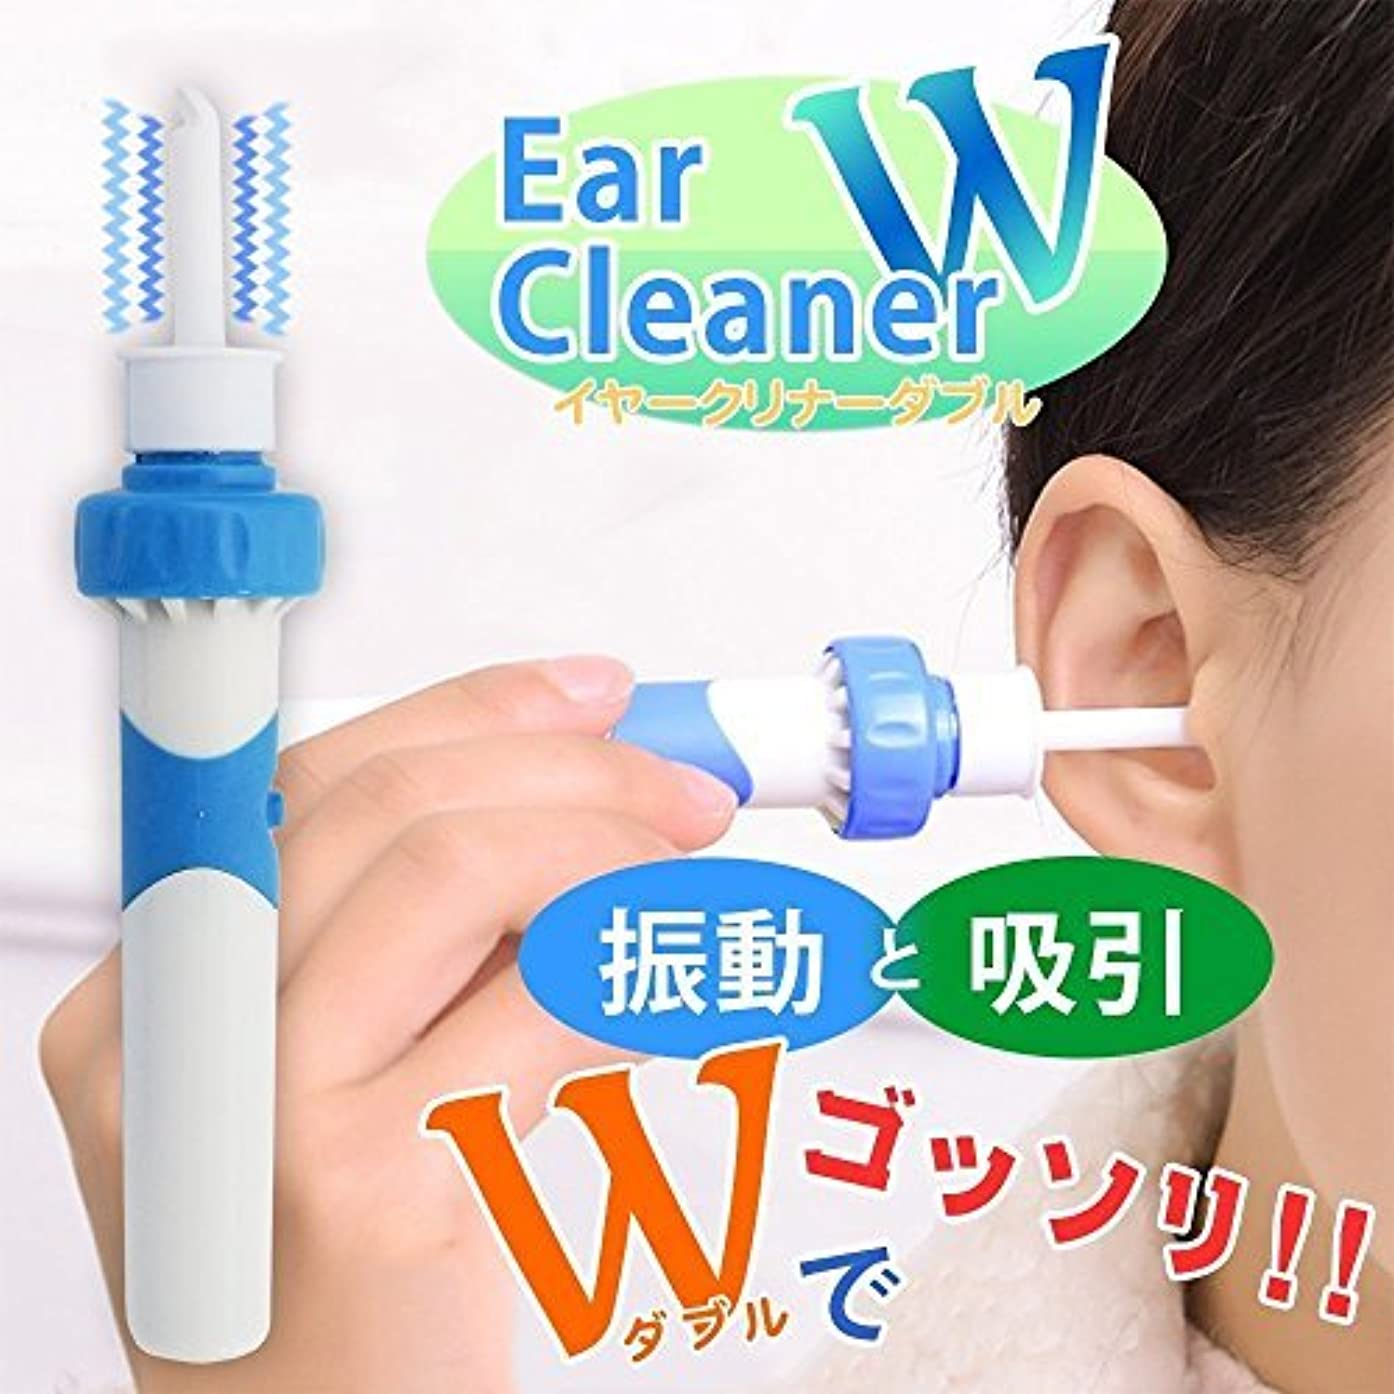 最適対称学習者CHUI FEN 耳掃除機 電動耳掃除 耳クリーナー 耳掃除 みみそうじ 耳垢 吸引 耳あか吸引